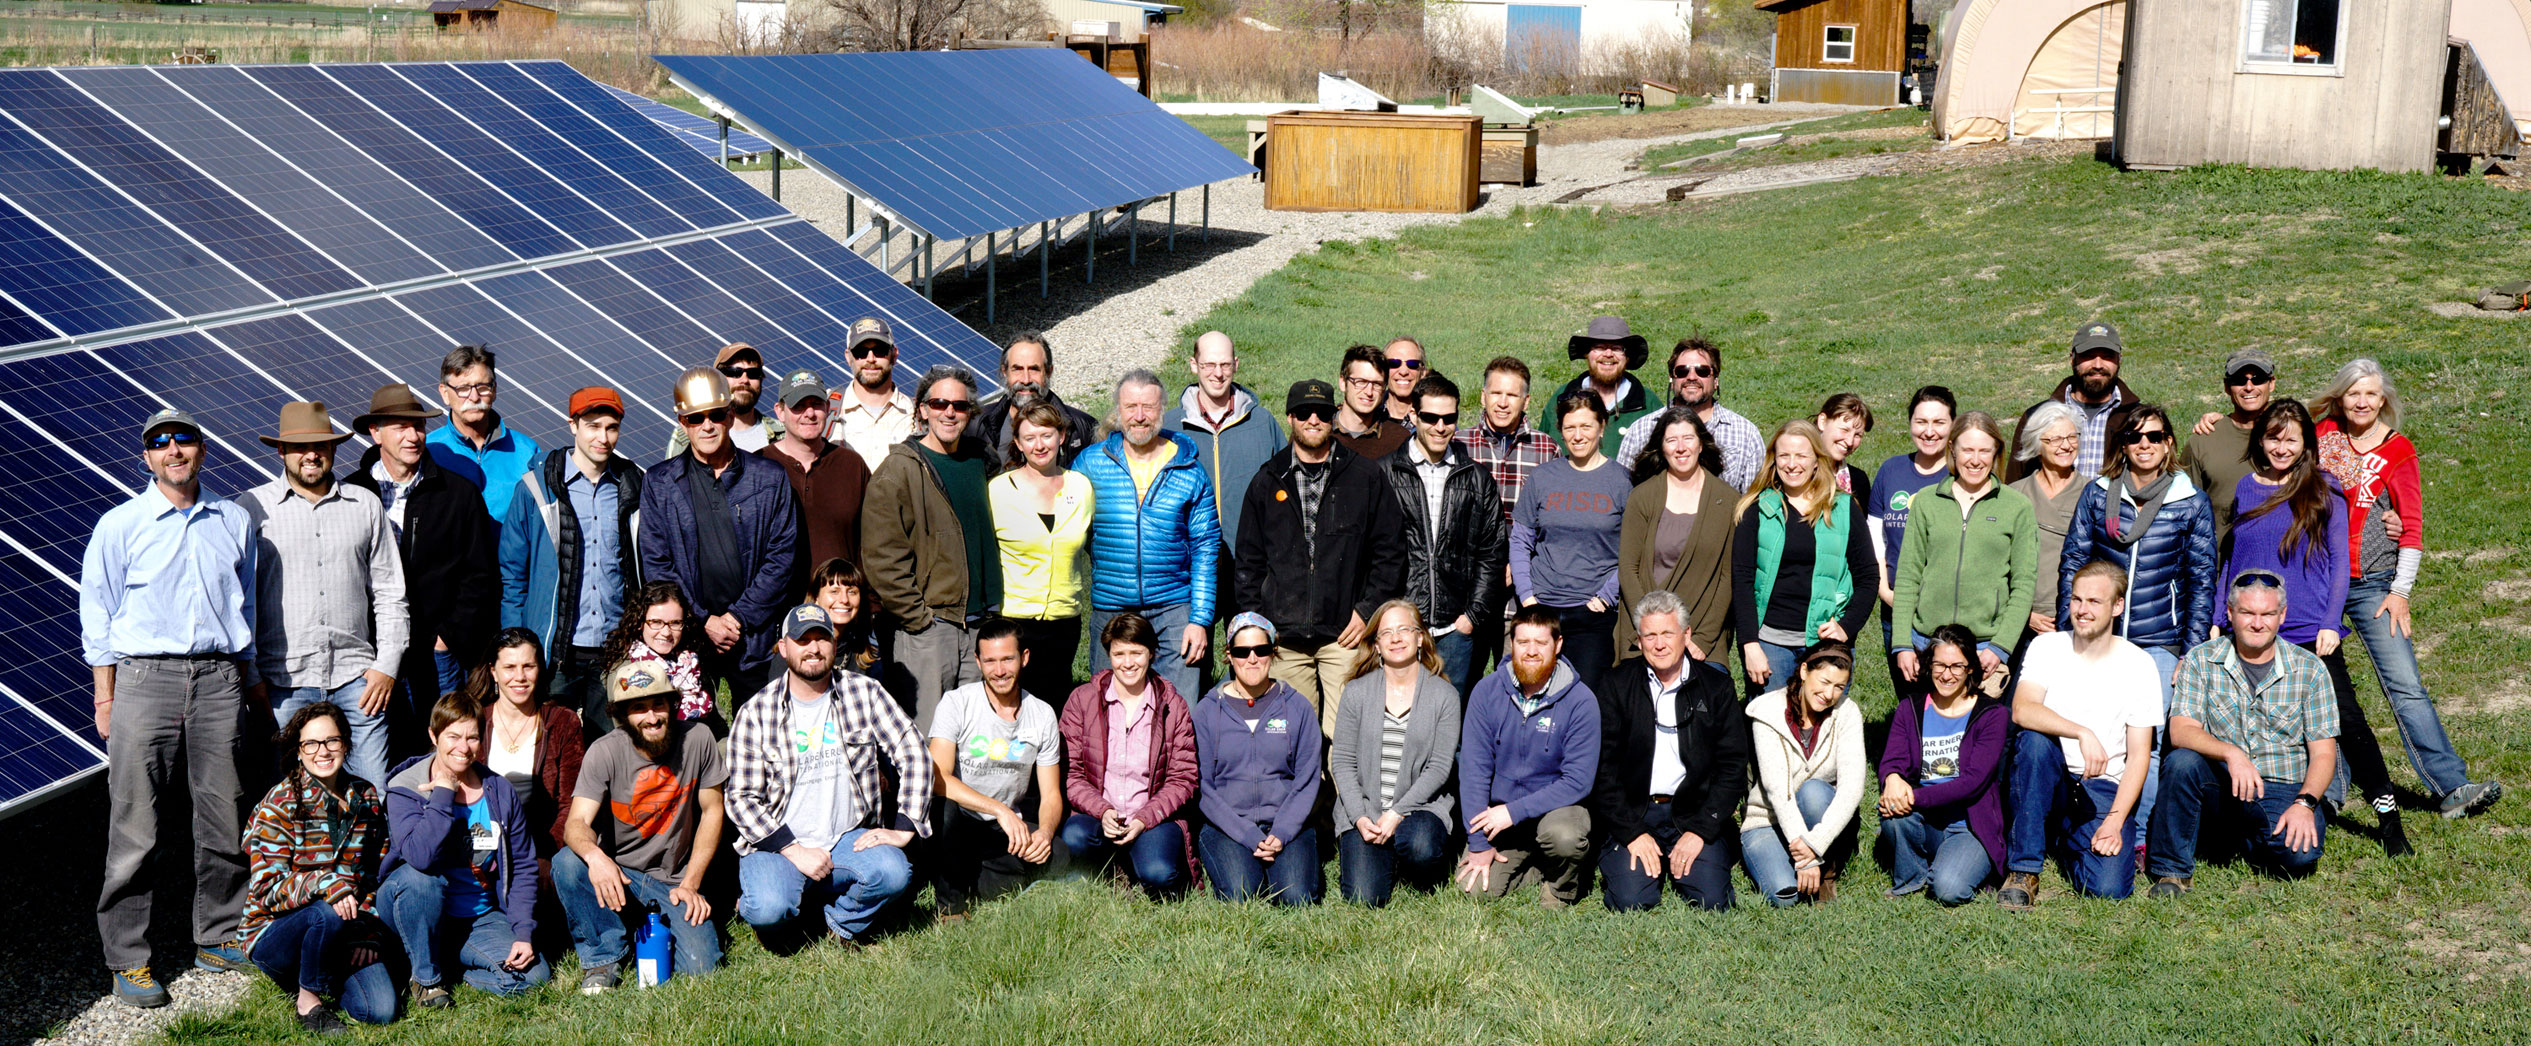 Solar Energy Team Photo